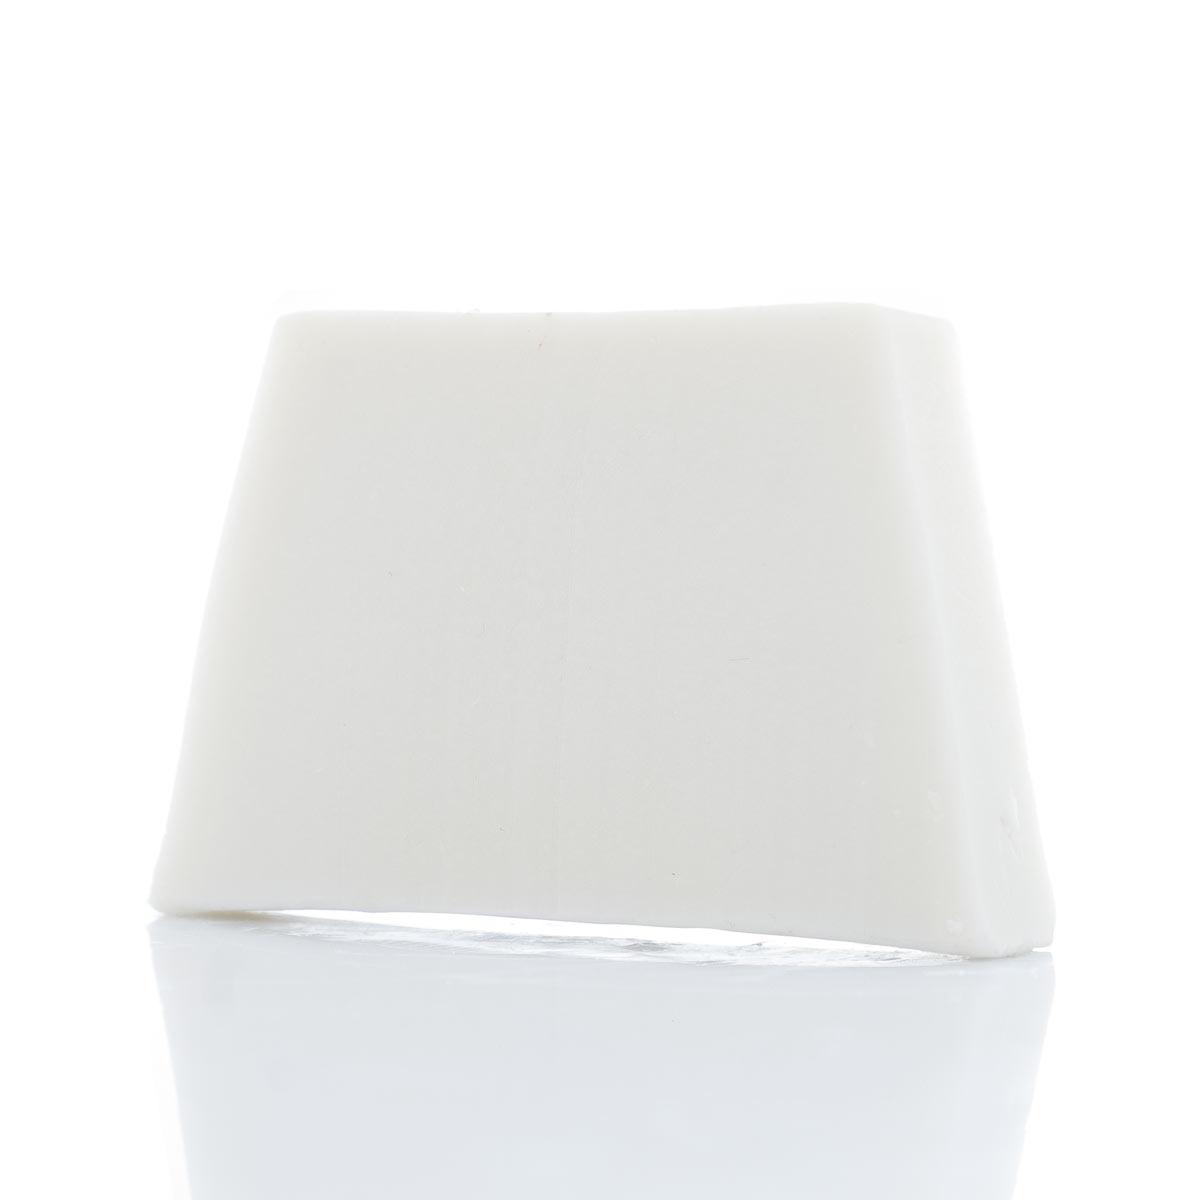 Σαπούνι με ζεόλιθο MED®, γάλα γαϊδούρας, λάδι αργκάν και λάδι μαστίχας – Ενυδατικό και επουλωτικό για ευαίσθητες επιδερμίδες